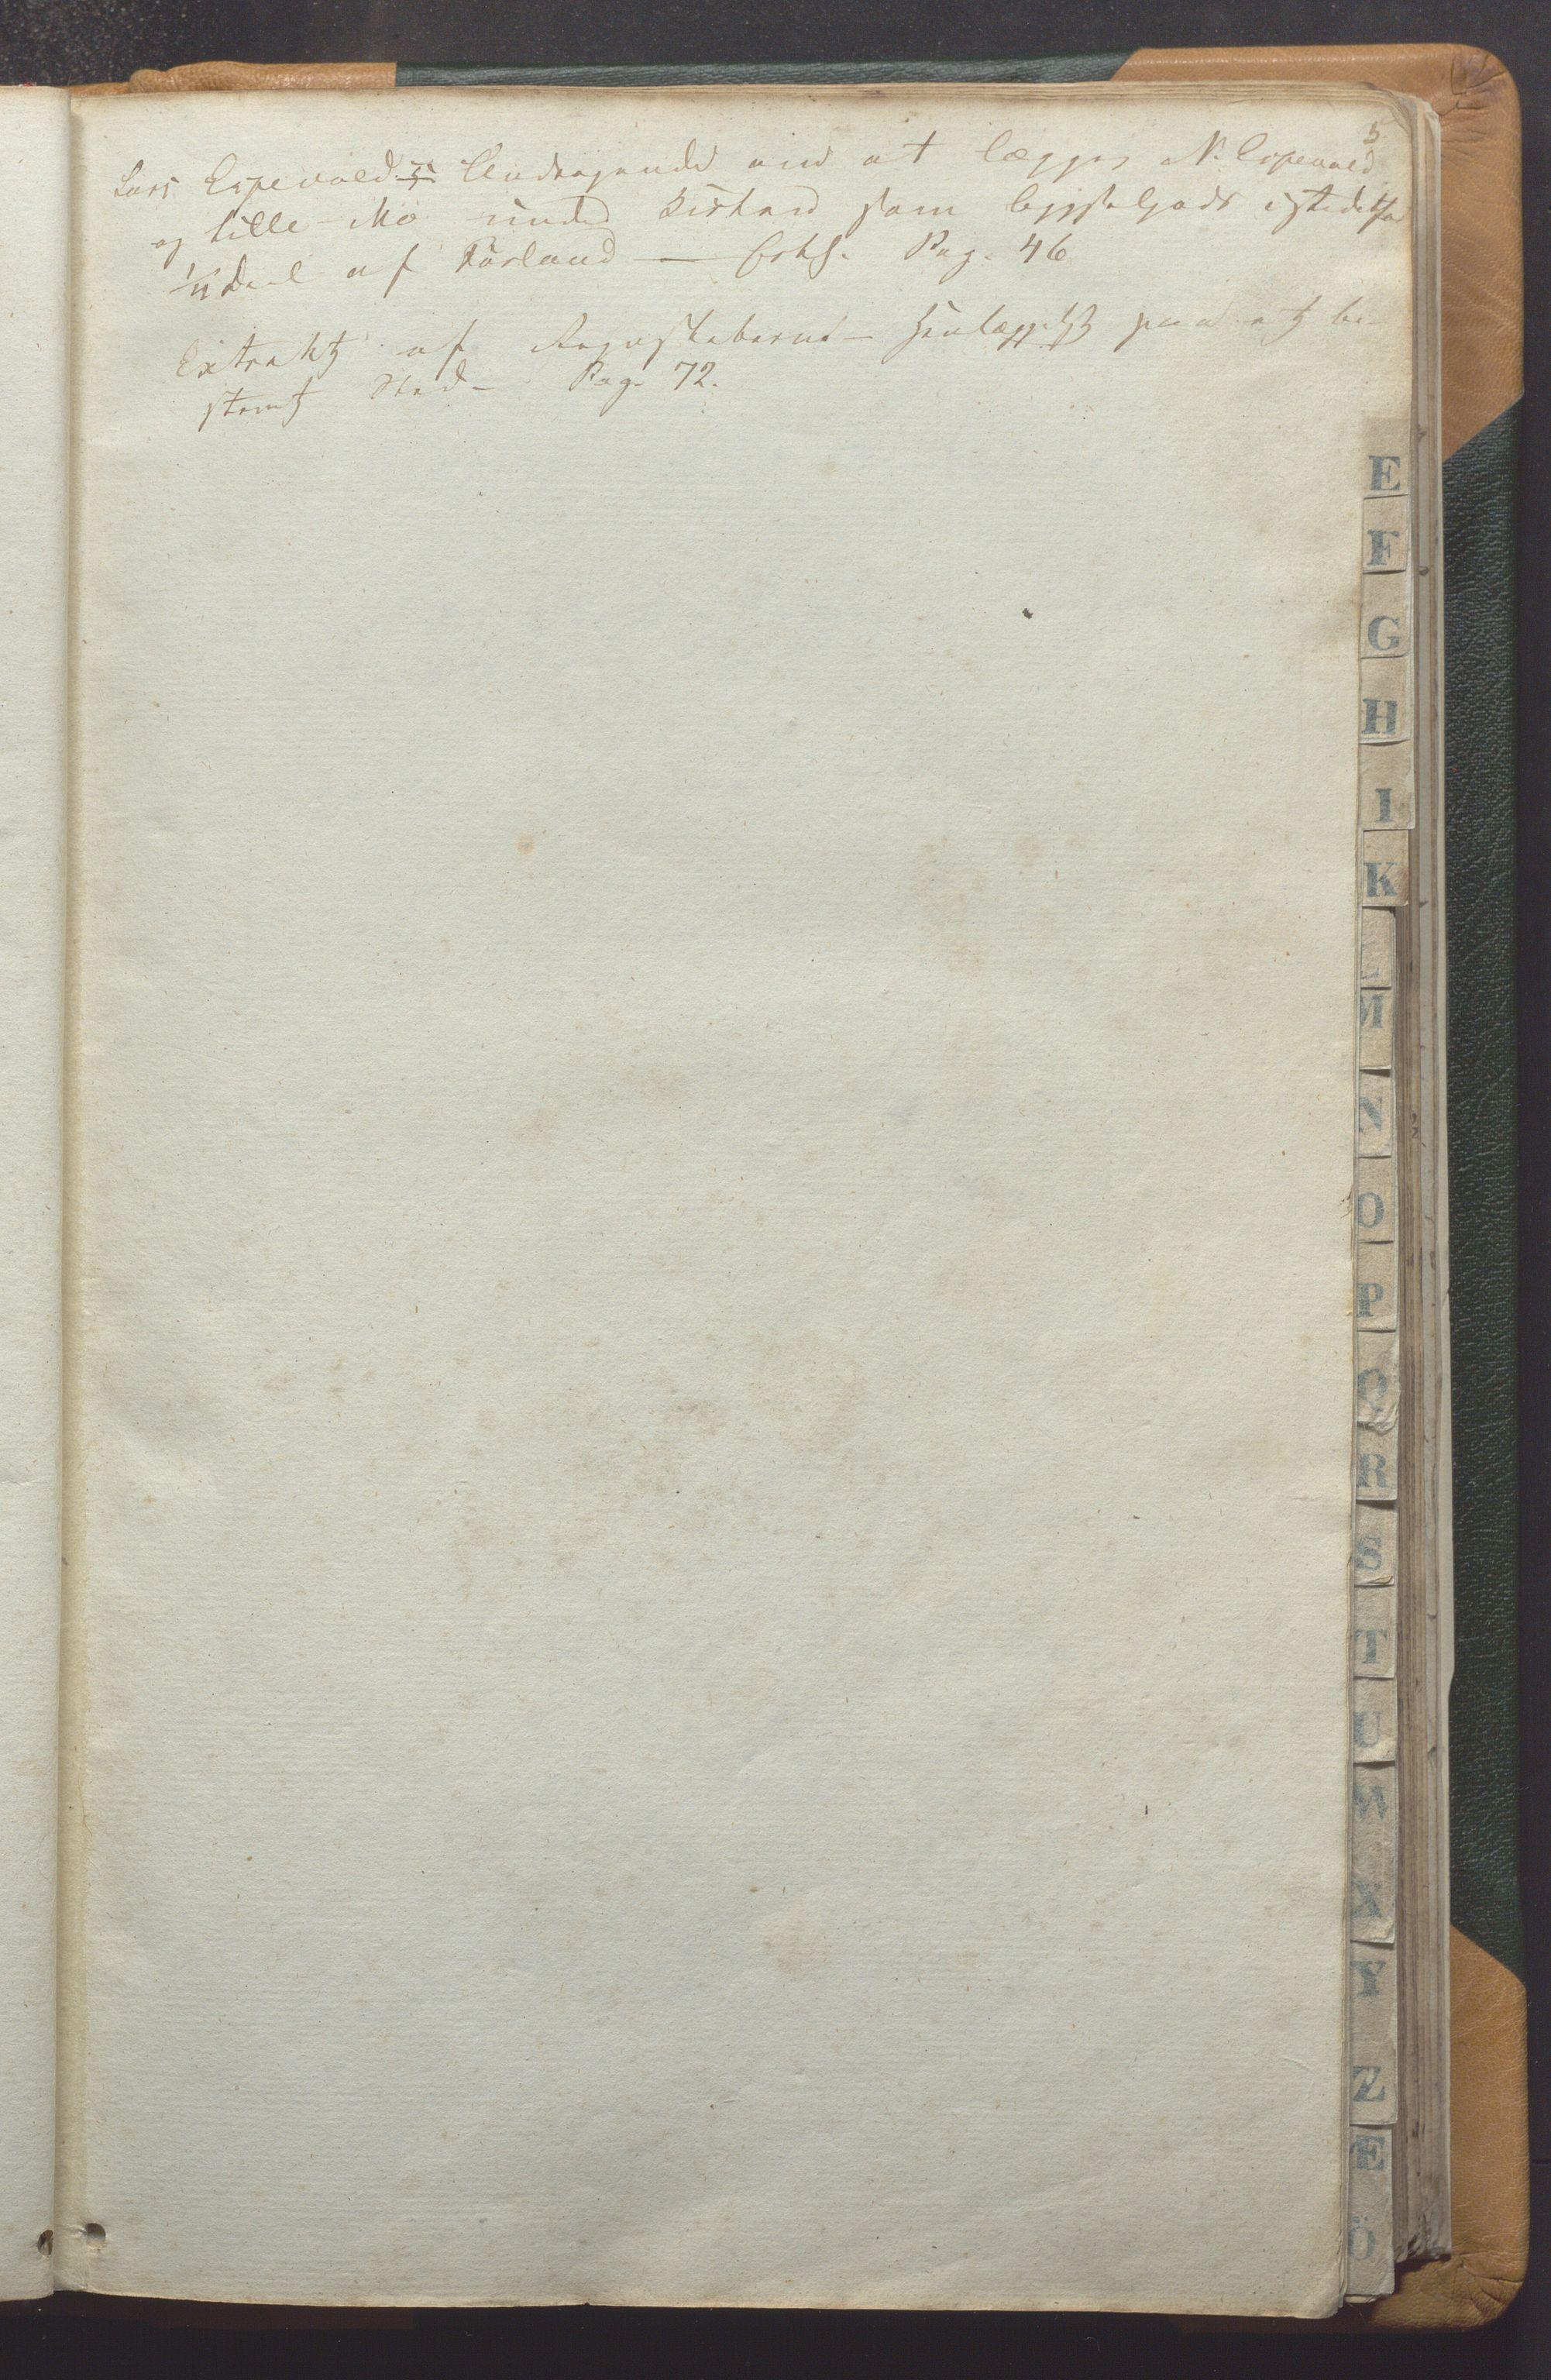 IKAR, Vikedal kommune - Formannskapet, Aaa/L0001: Møtebok, 1837-1874, s. 5